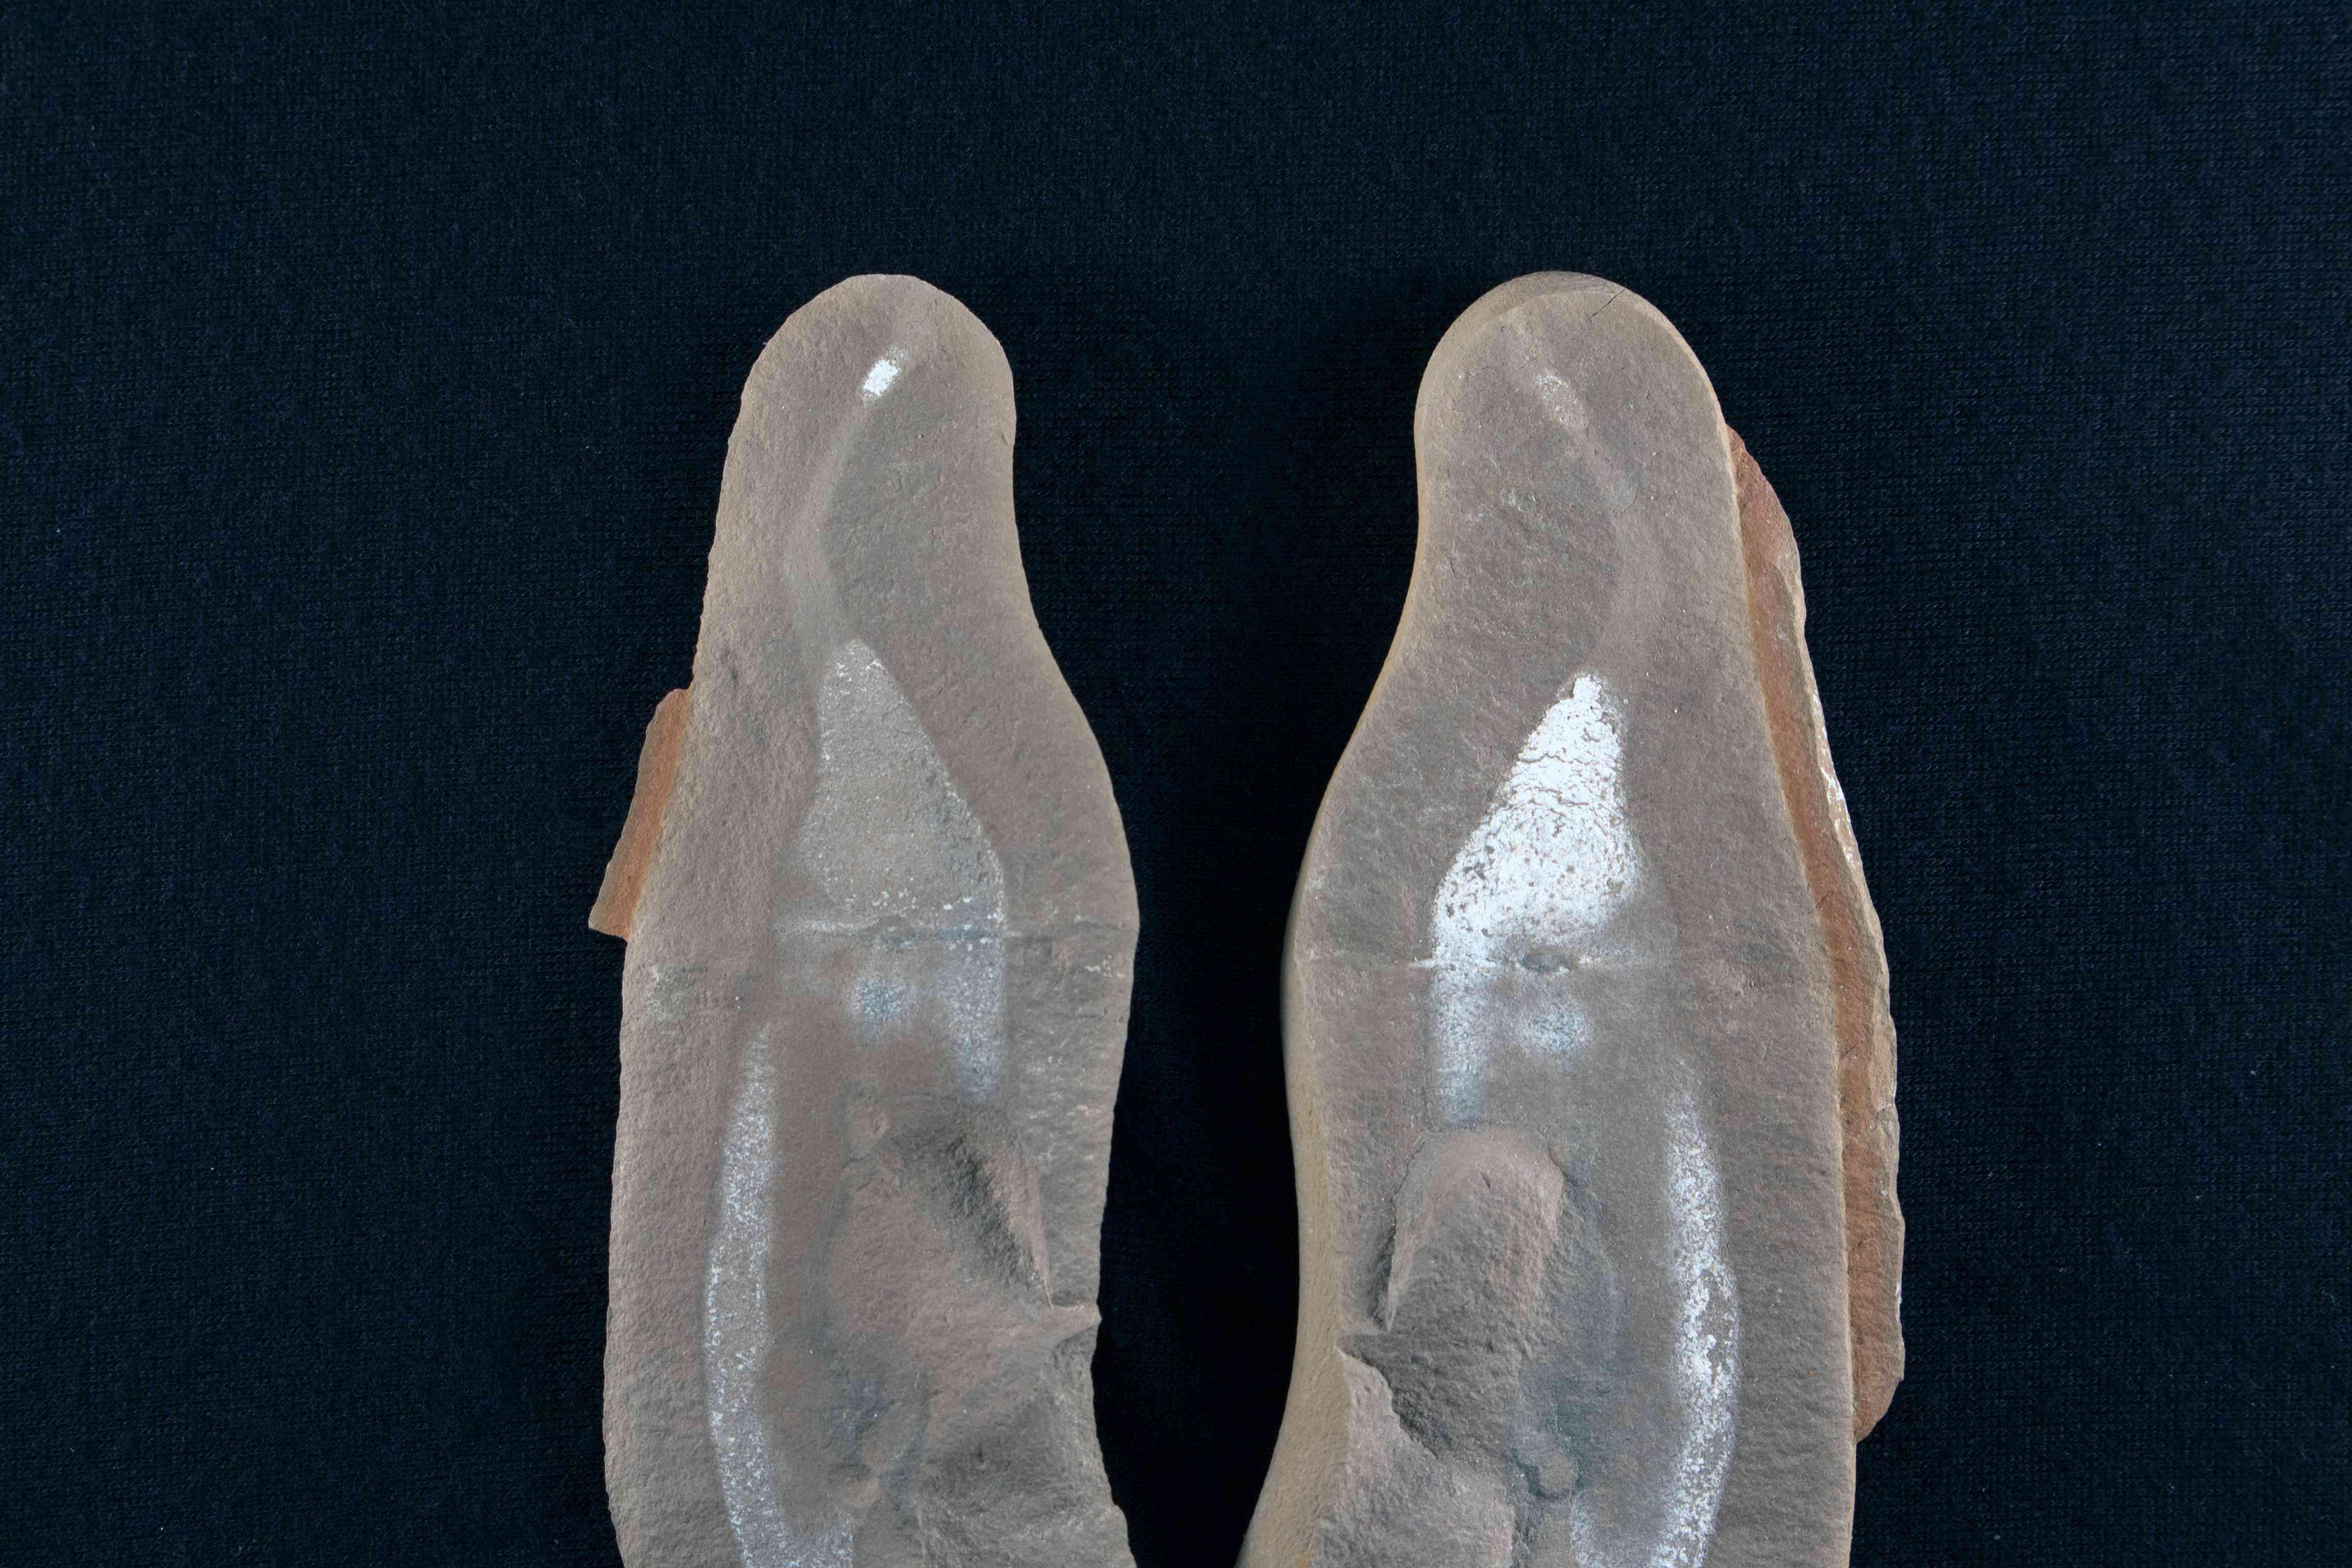 Tully monster, Tullimonstrum gregarium fossil, Mazon Creek, Illinois.